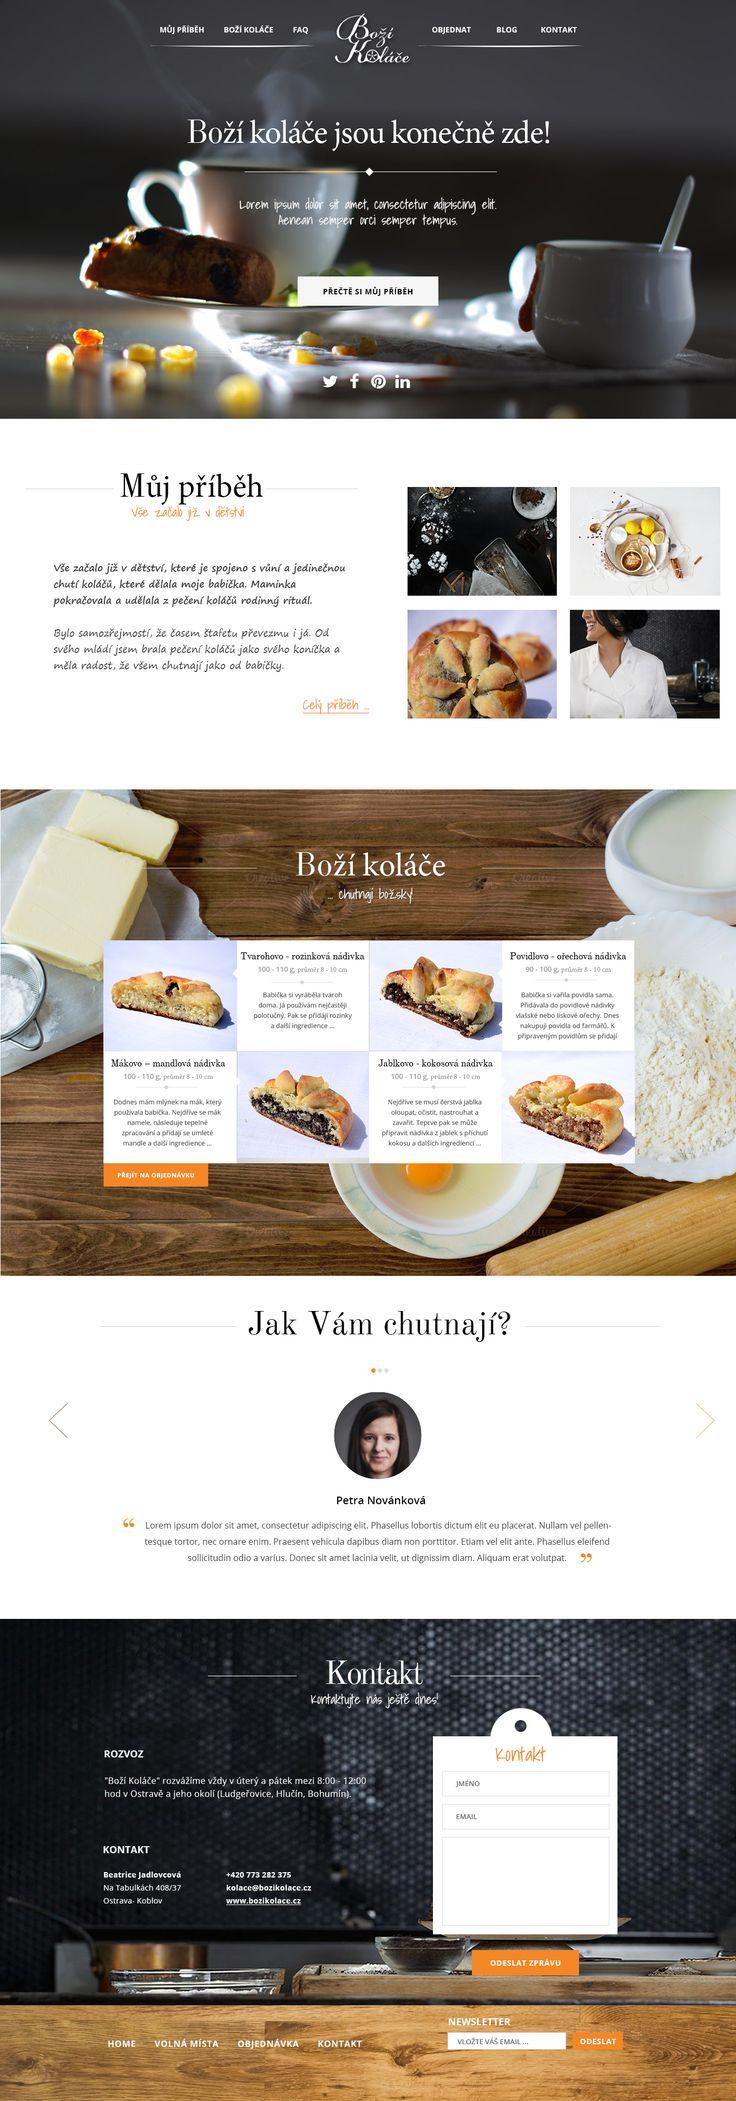 Kulinářské webovky zabývající se prodejem domácích koláčků. Made with ♥ in Brno by Steiner Media